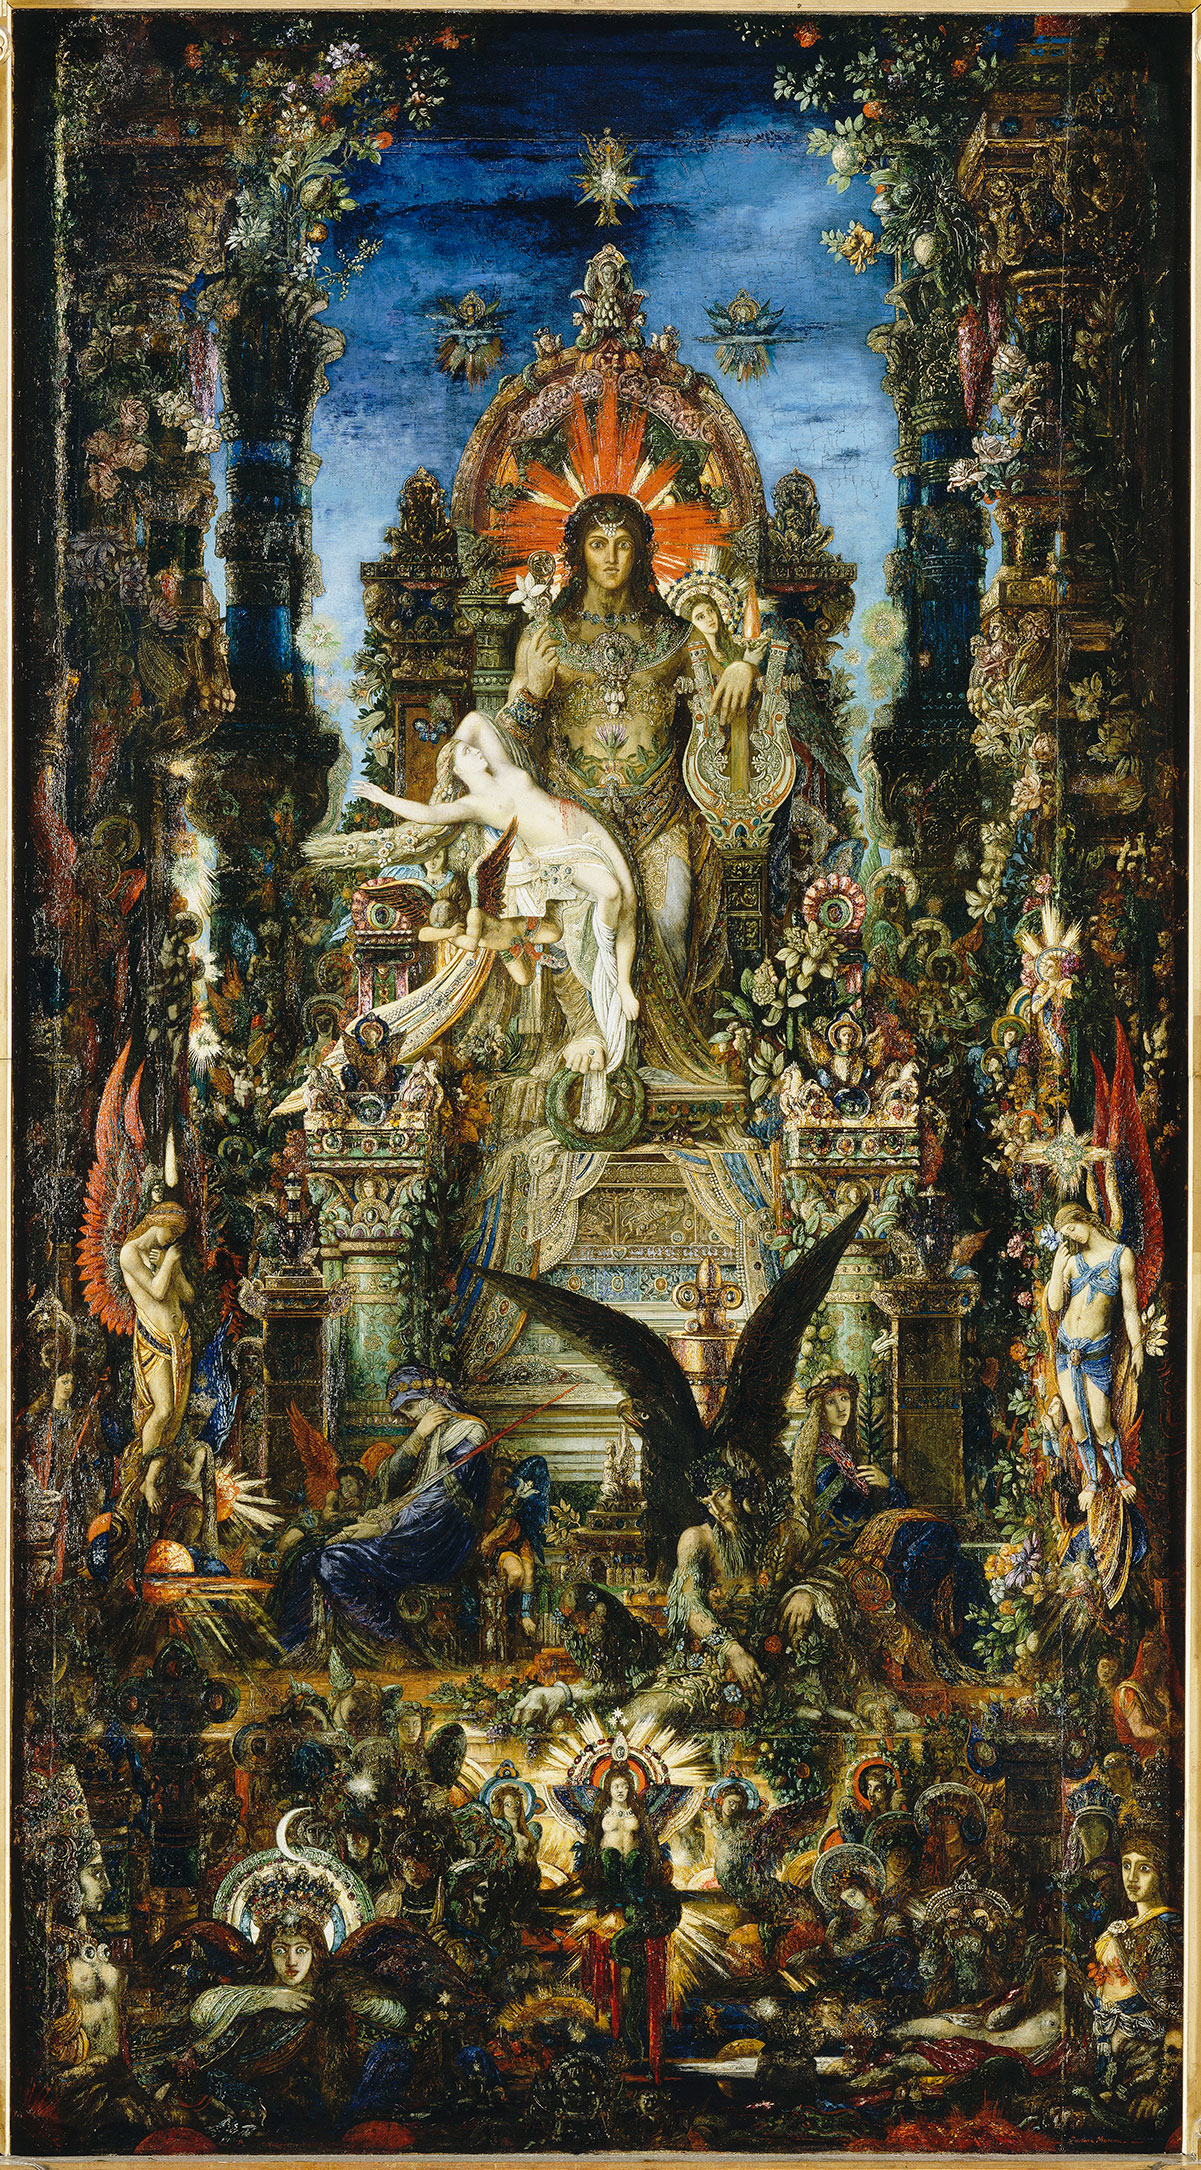 Jupiter and Semele /Jupiter et Sémélé/ + Moreau, Gustave *magnifico